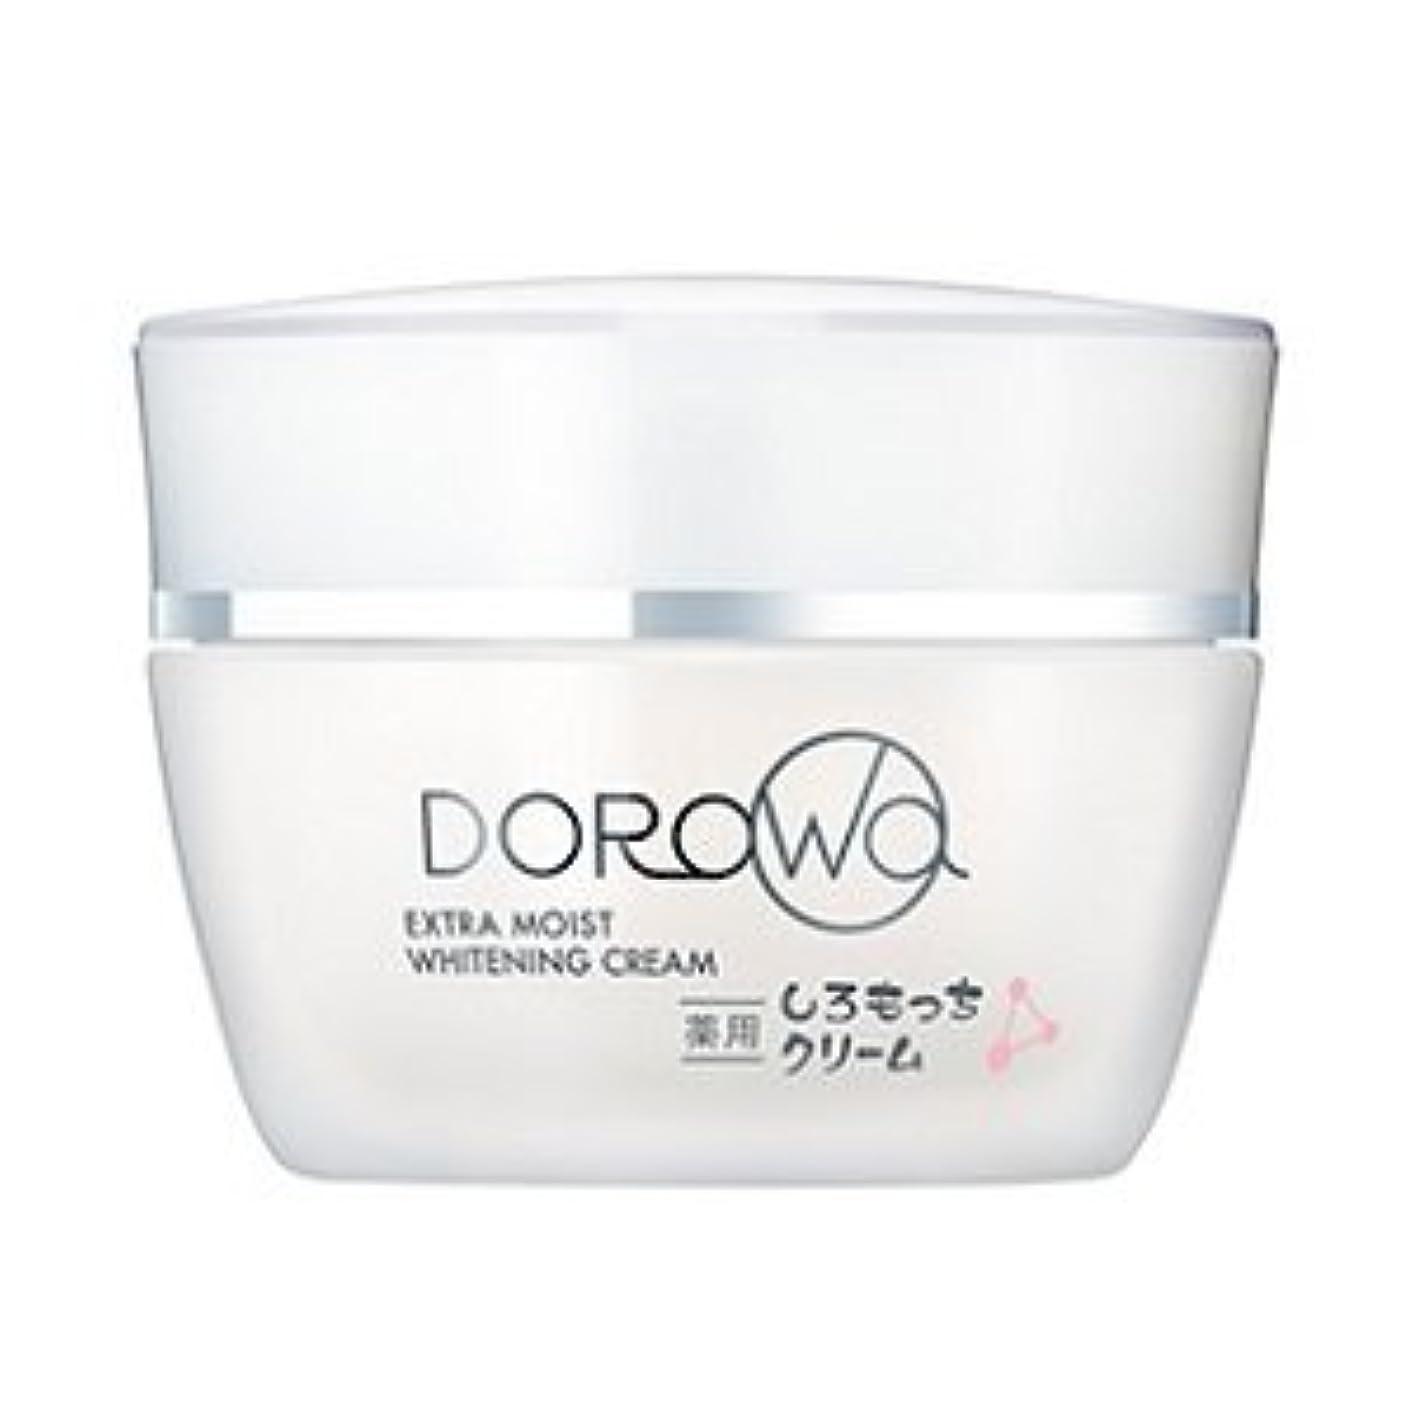 バック無人火炎健康コーポレーション DOROwa 薬用 しろもっちクリーム 60g